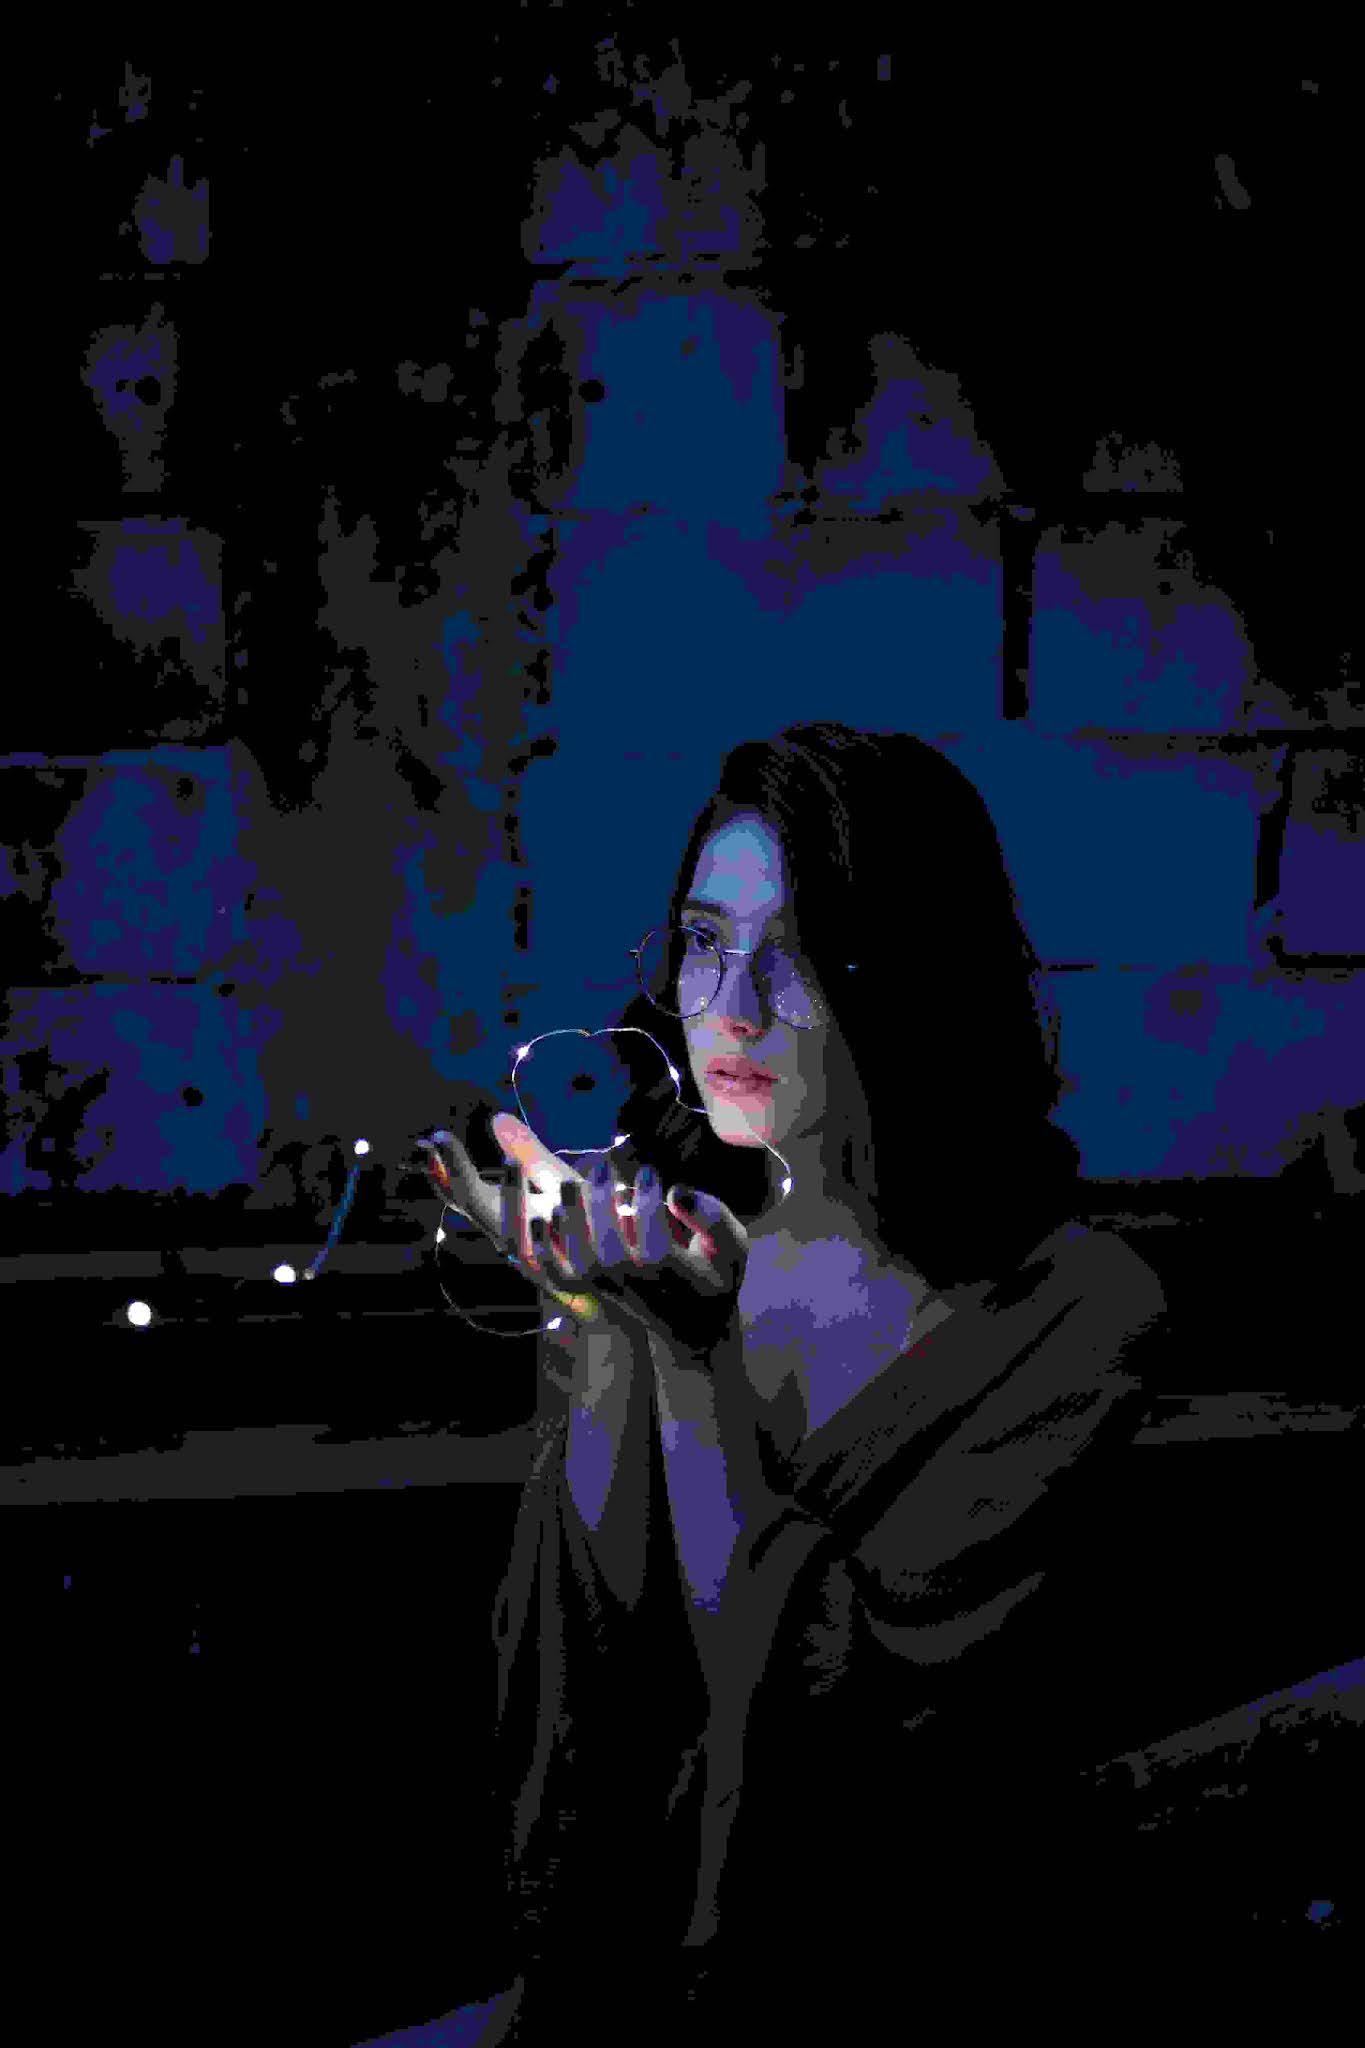 reviewer image for Vidmate of Kinjal Patel